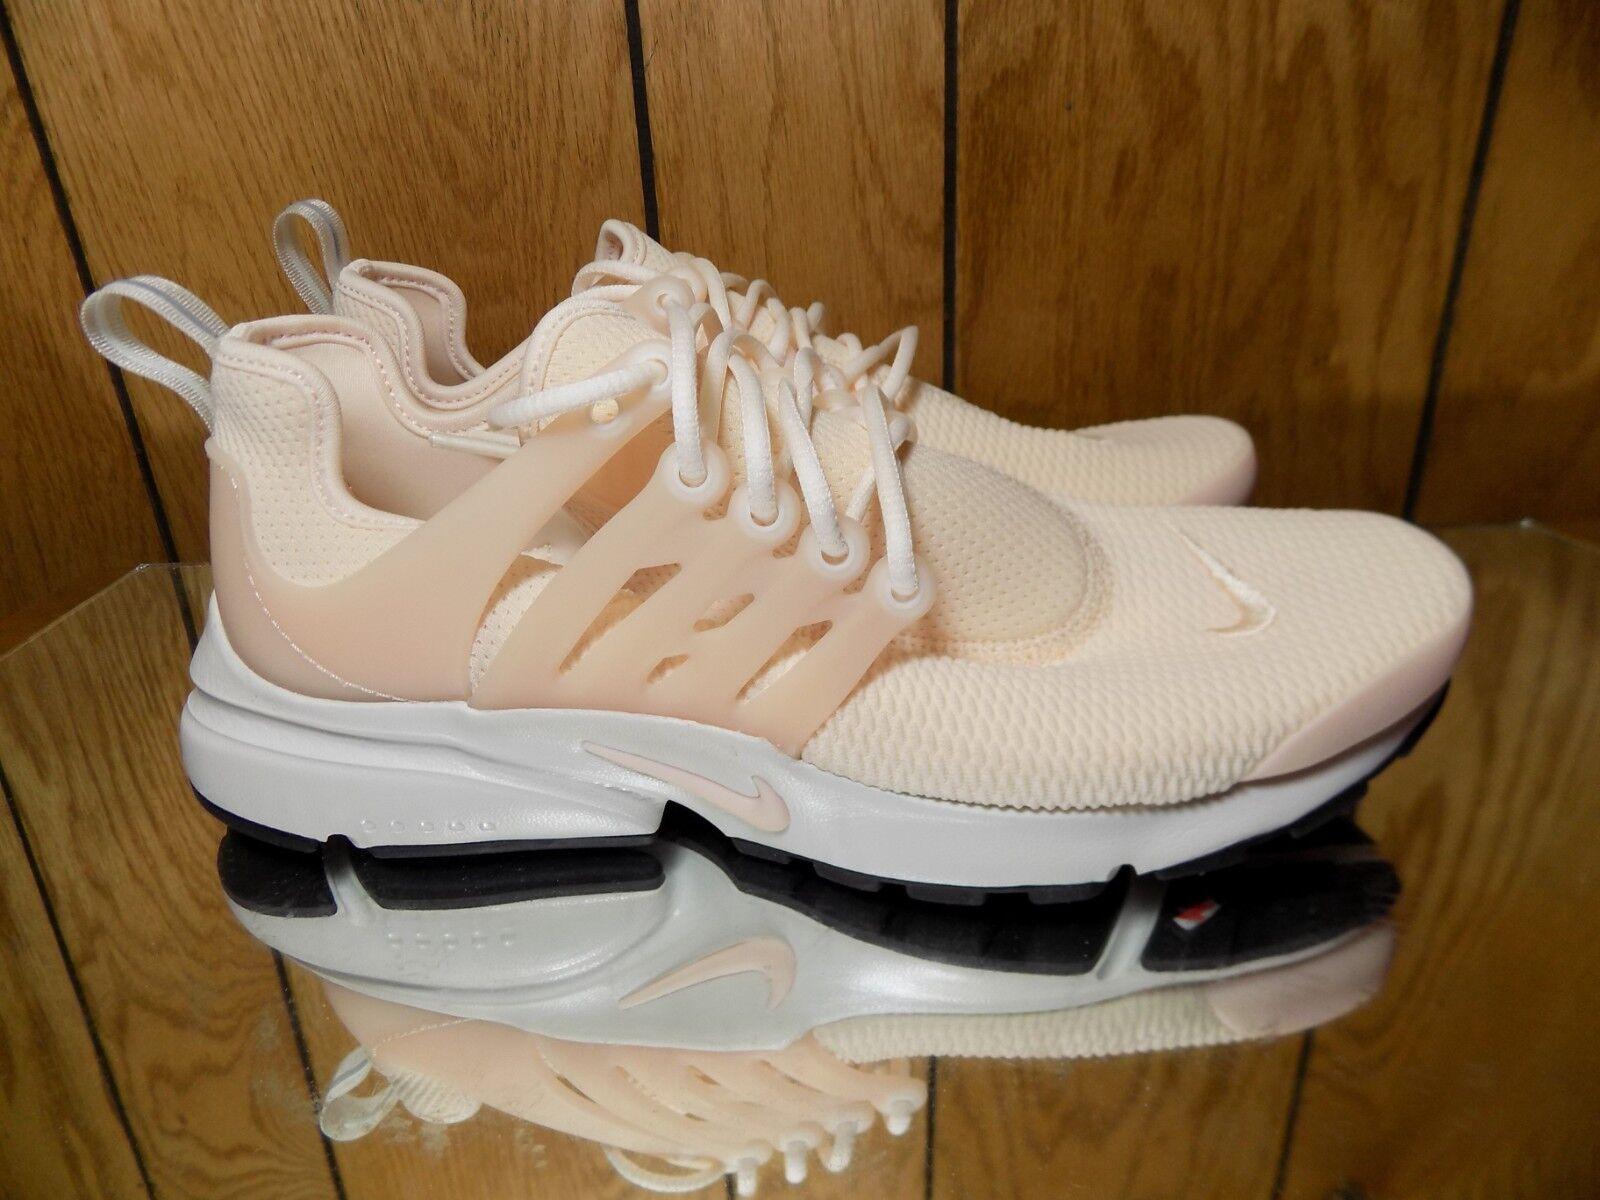 de nouvelles toutes baskets nike exp x14 des chaussures de femmes toutes nouvelles tailles Gris viola emerald noir 5ce803